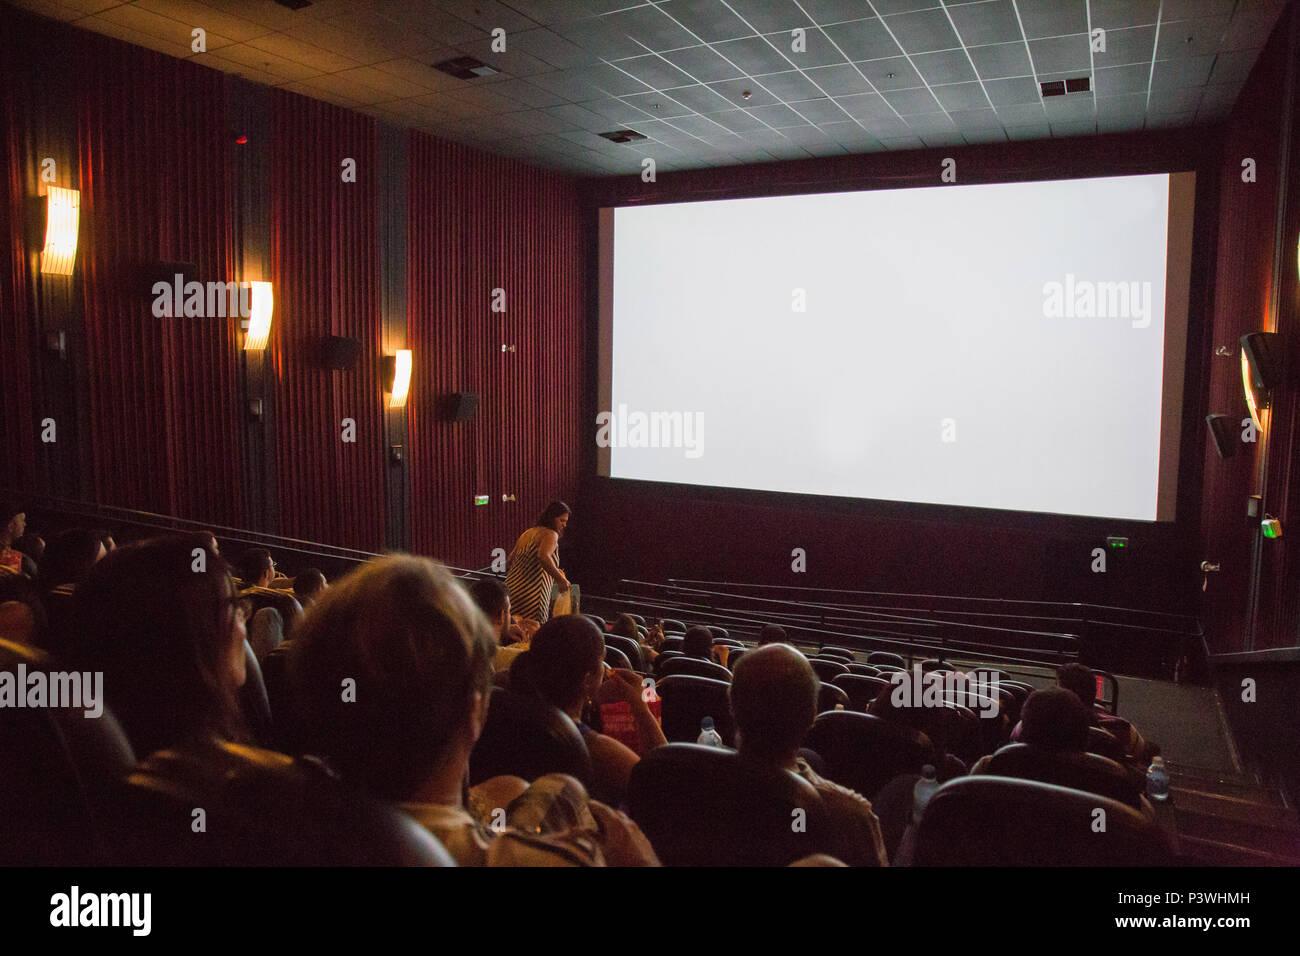 SÃO PAULO, SP - 16.04.2016: PESSOAS SENTADAS NO CINEMA – Na foto feita neste sábado (16), pessoas assistindo filme dentro de um cinema. (Foto: Jales Valquer / Fotoarena) Stock Photo